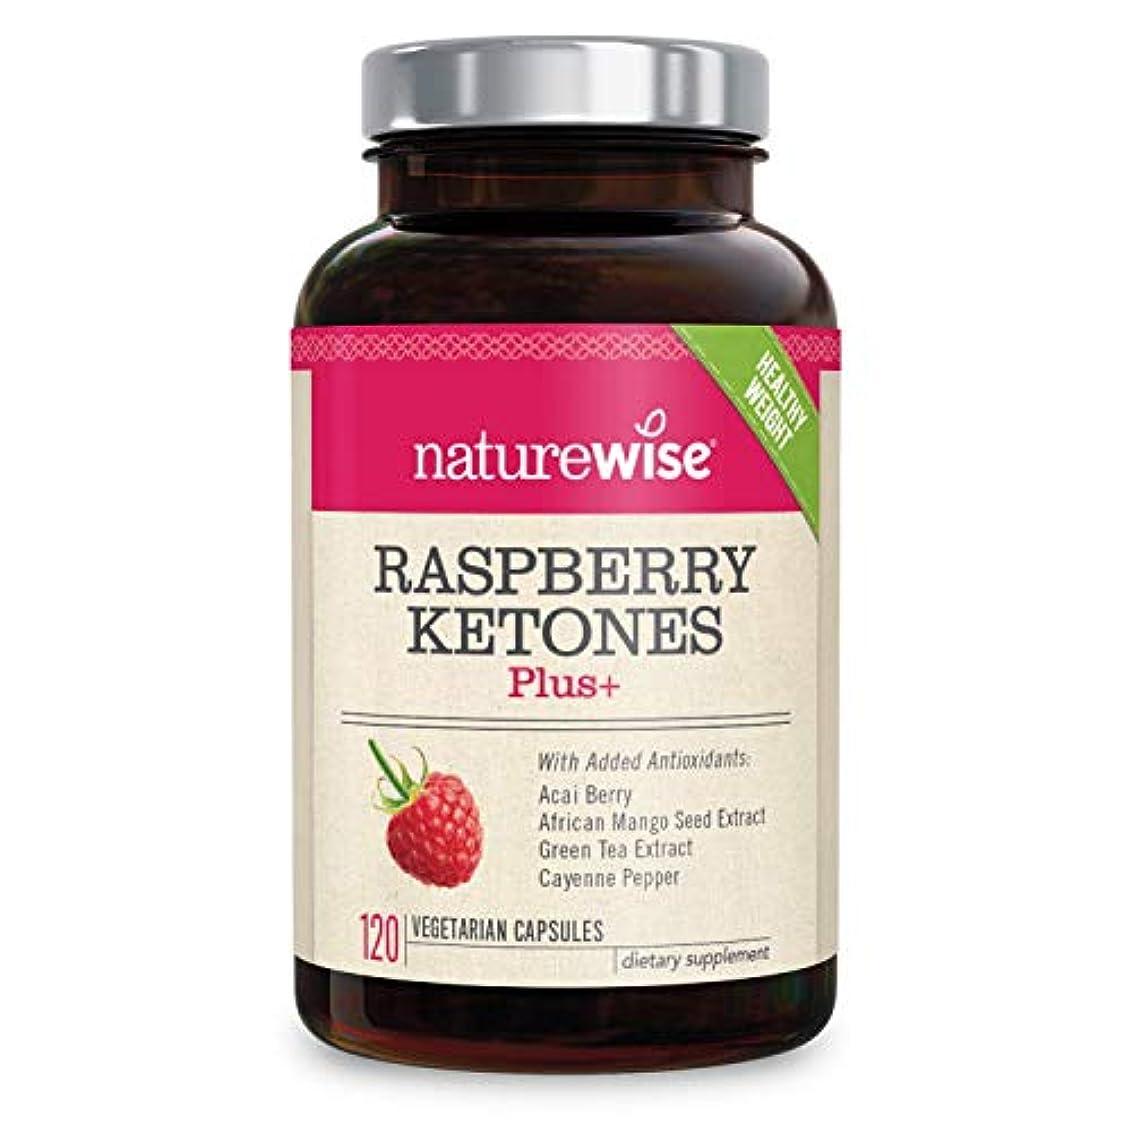 キュービックポンペイどこでもNatureWise Raspberry Ketones Plus ラズベリー ケトン プラス ケトジェニック ダイエット サプリ 120粒/60日分 [海外直送品]